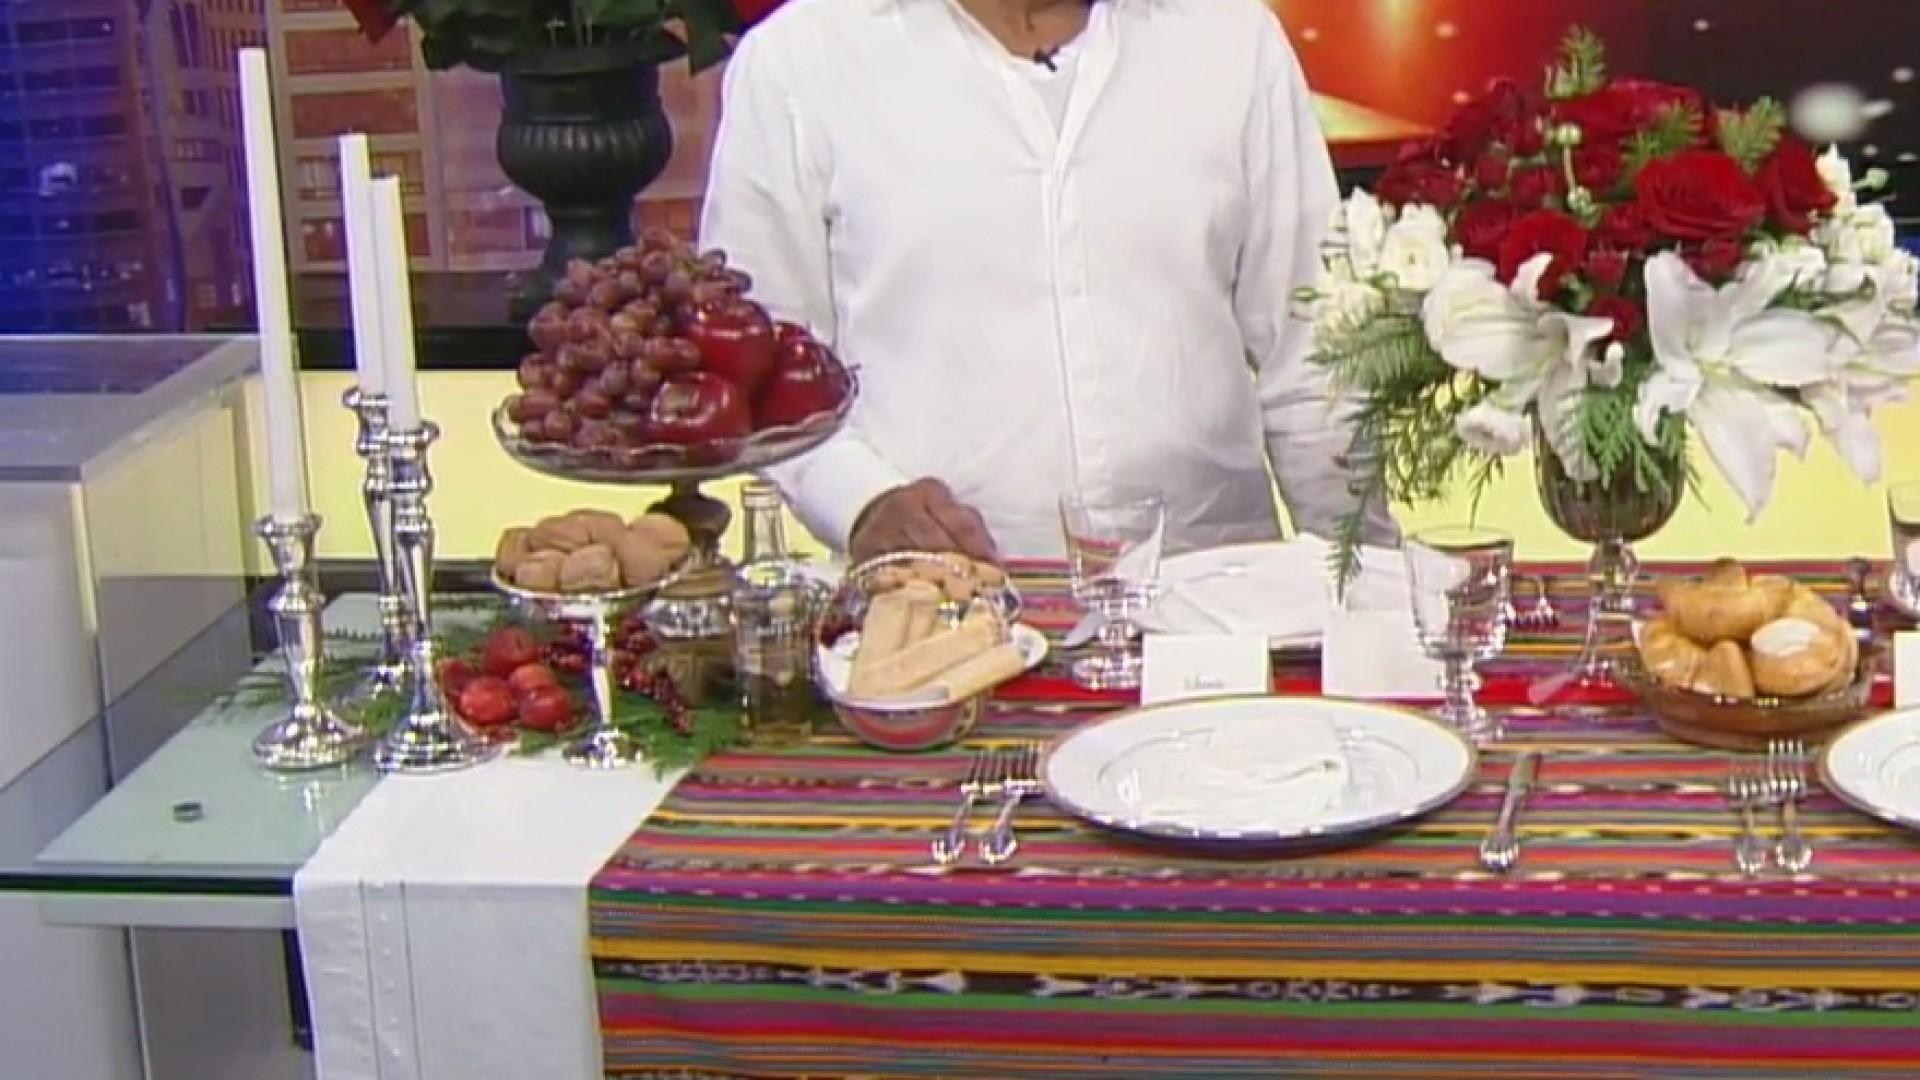 Recomendaciones para adornar la mesa y preparar los - Adornar la mesa para navidad ...